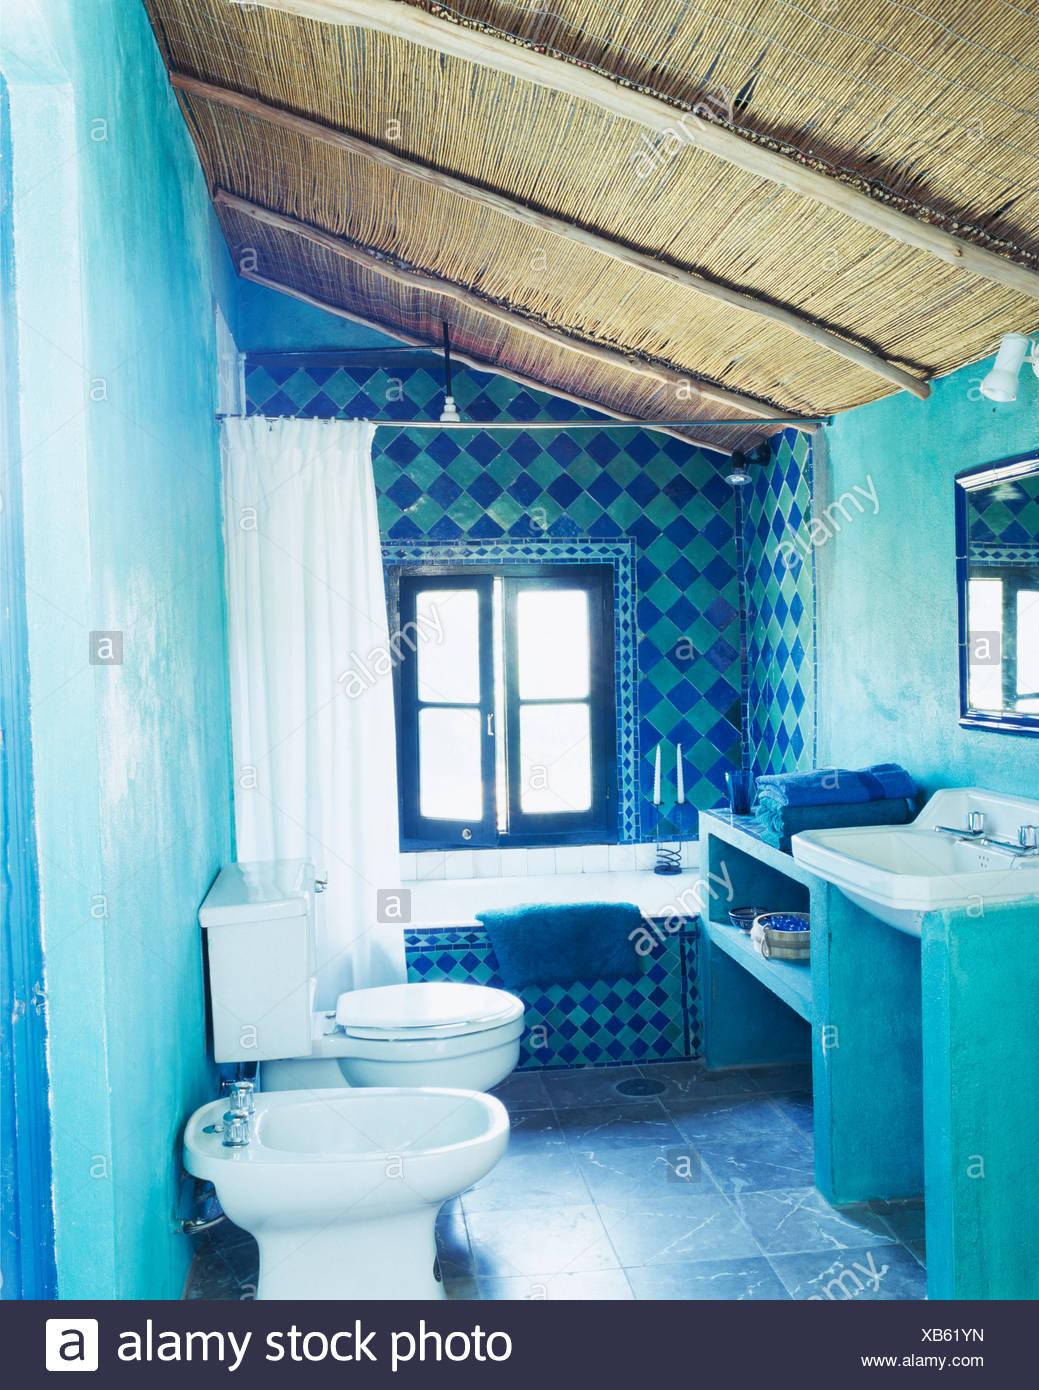 Carrelage Salle De Bain Bleu Turquoise plafond de chaume en espagnol turquoise bleu décoration